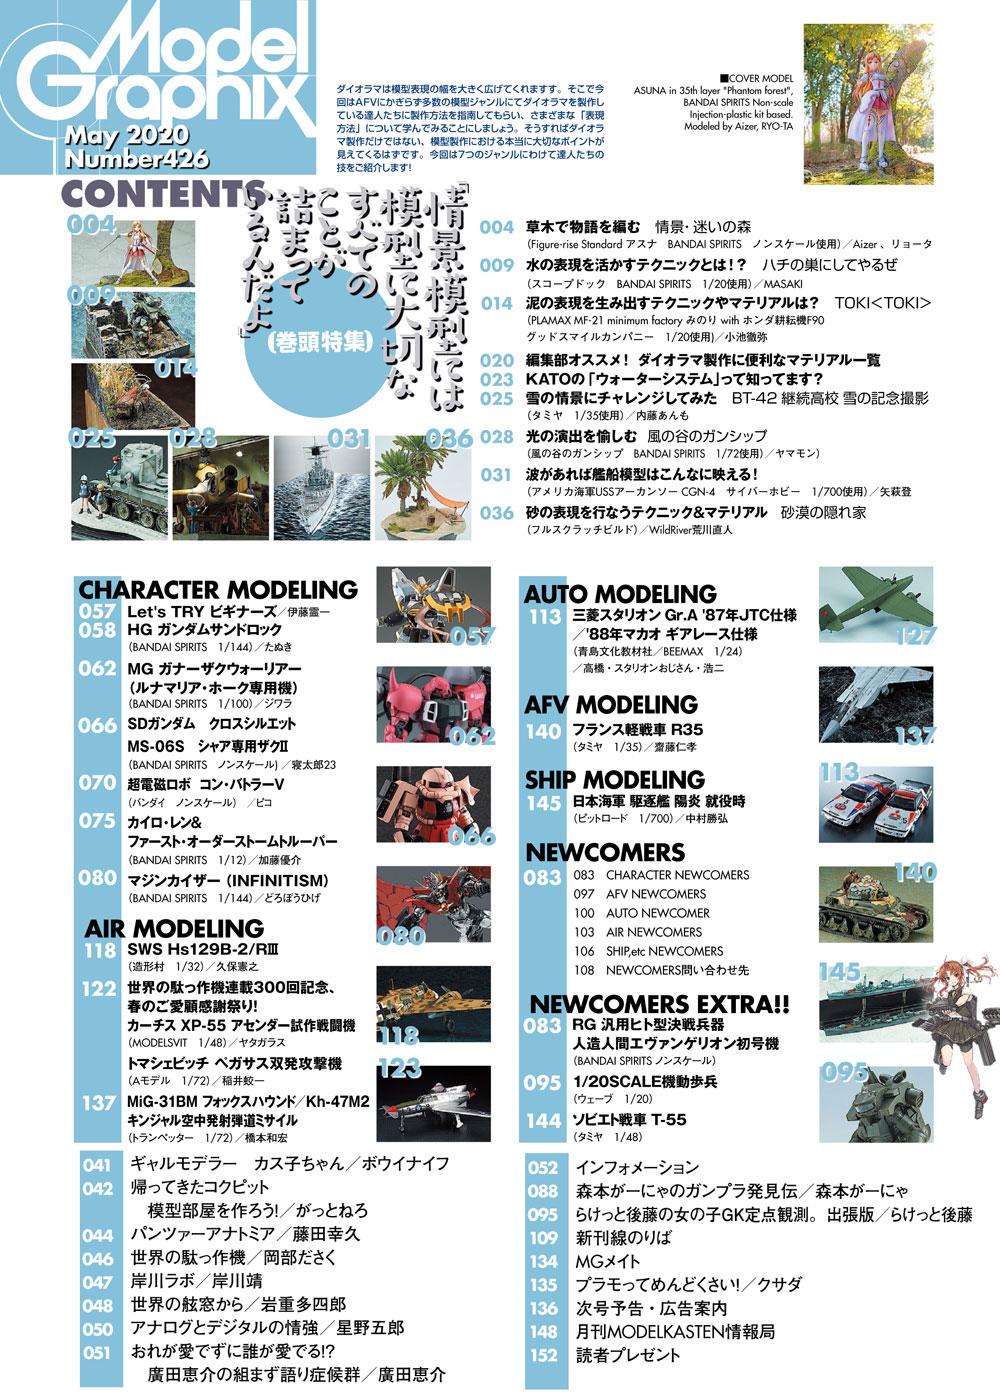 モデルグラフィックス 2020年5月号雑誌(大日本絵画月刊 モデルグラフィックスNo.426)商品画像_1